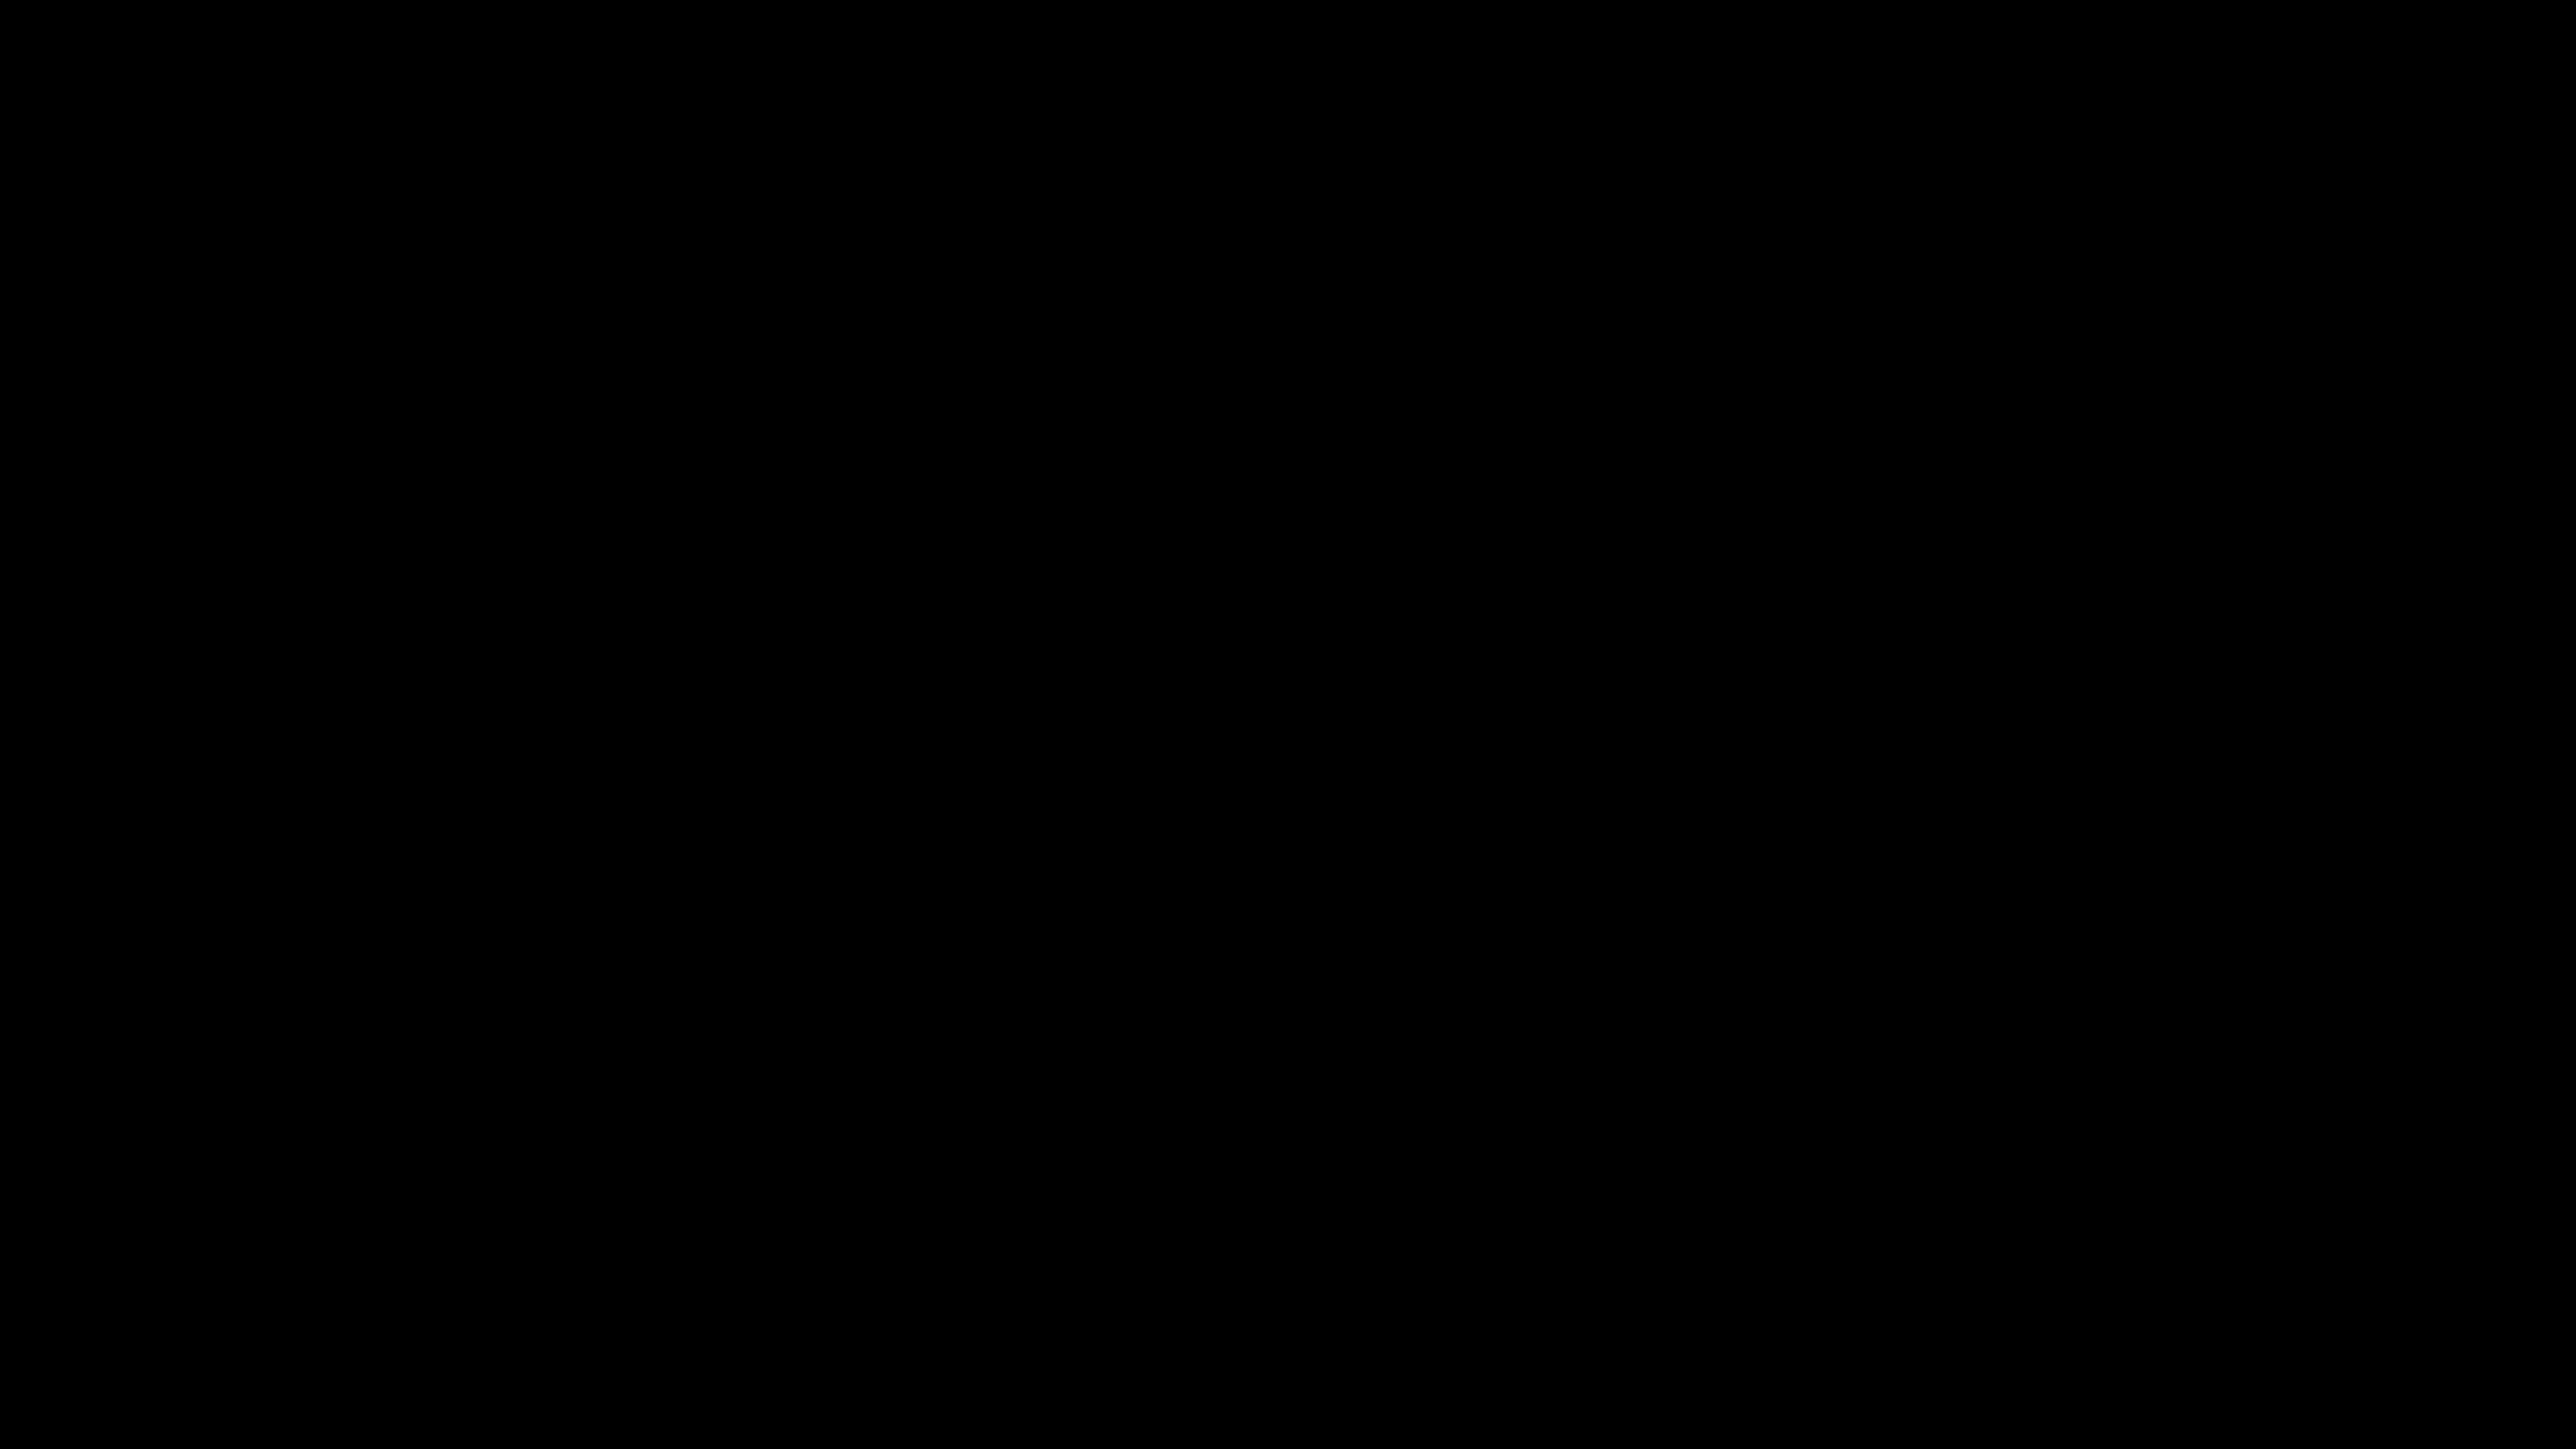 Стокгольм столица Швеции, ВНЖ которой могут получить россияне, украинцы и белорусы